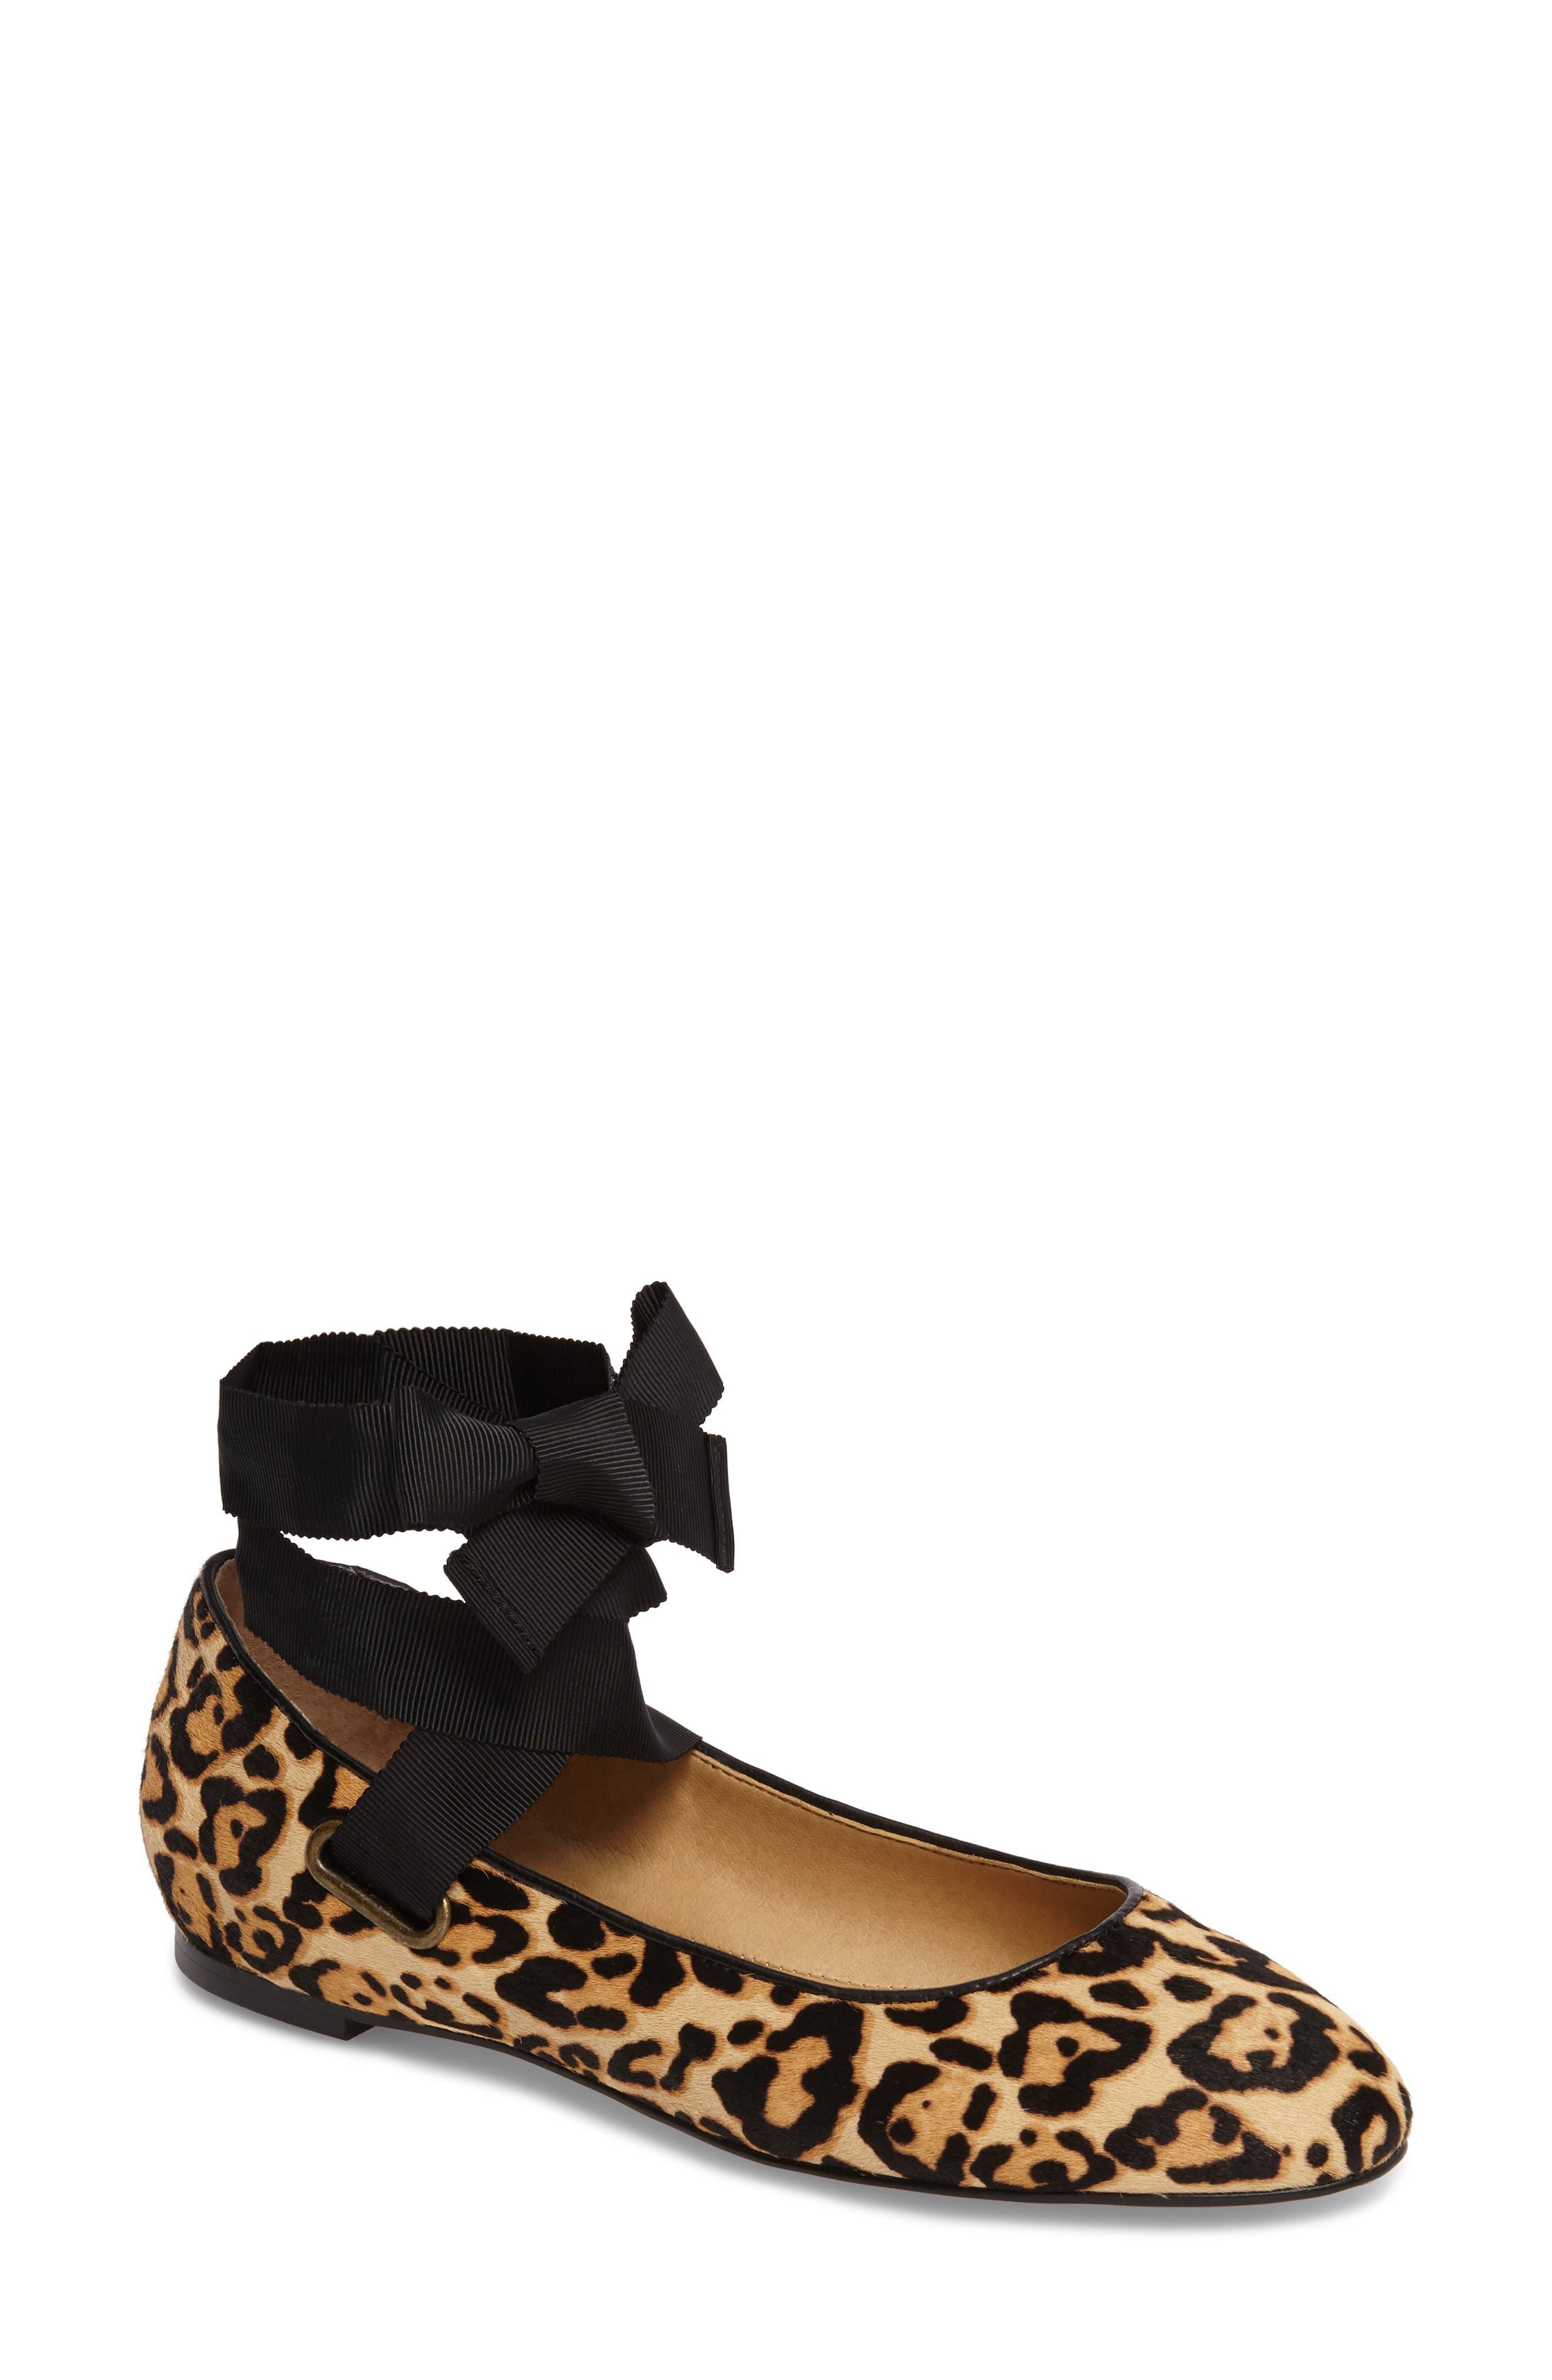 Renee II Genuine Calf Hair Ankle Tie Flat,                         Main,                         color, Leopard Calf Hair